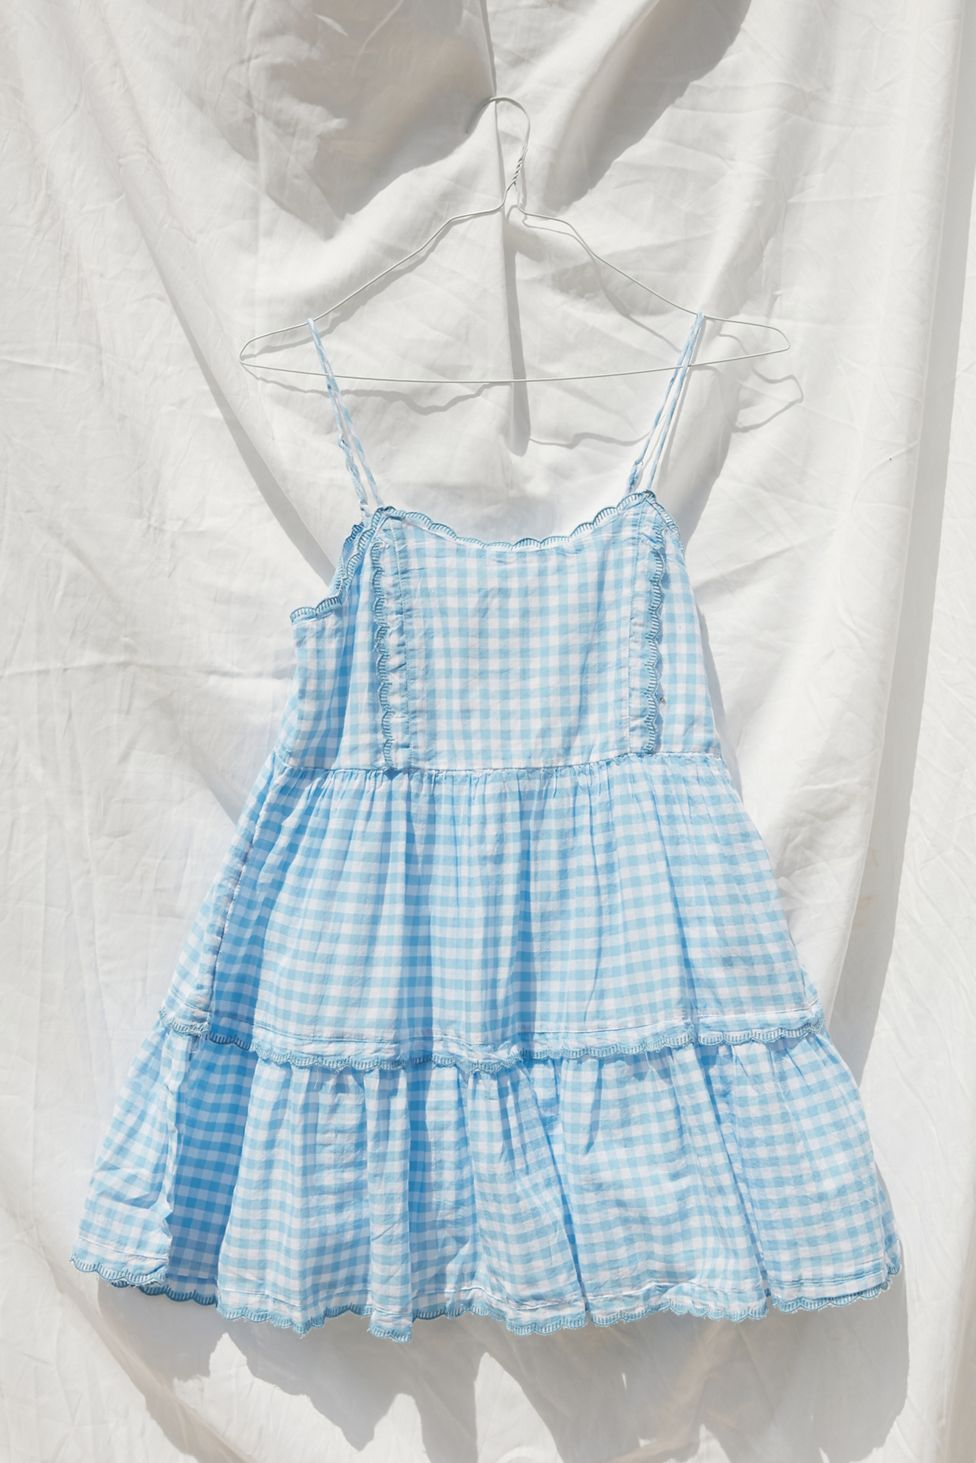 Uo Juno Tie Back Mini Dress Blue Babydoll Dress Mini Frock Dress Urban Dresses [ 1463 x 976 Pixel ]